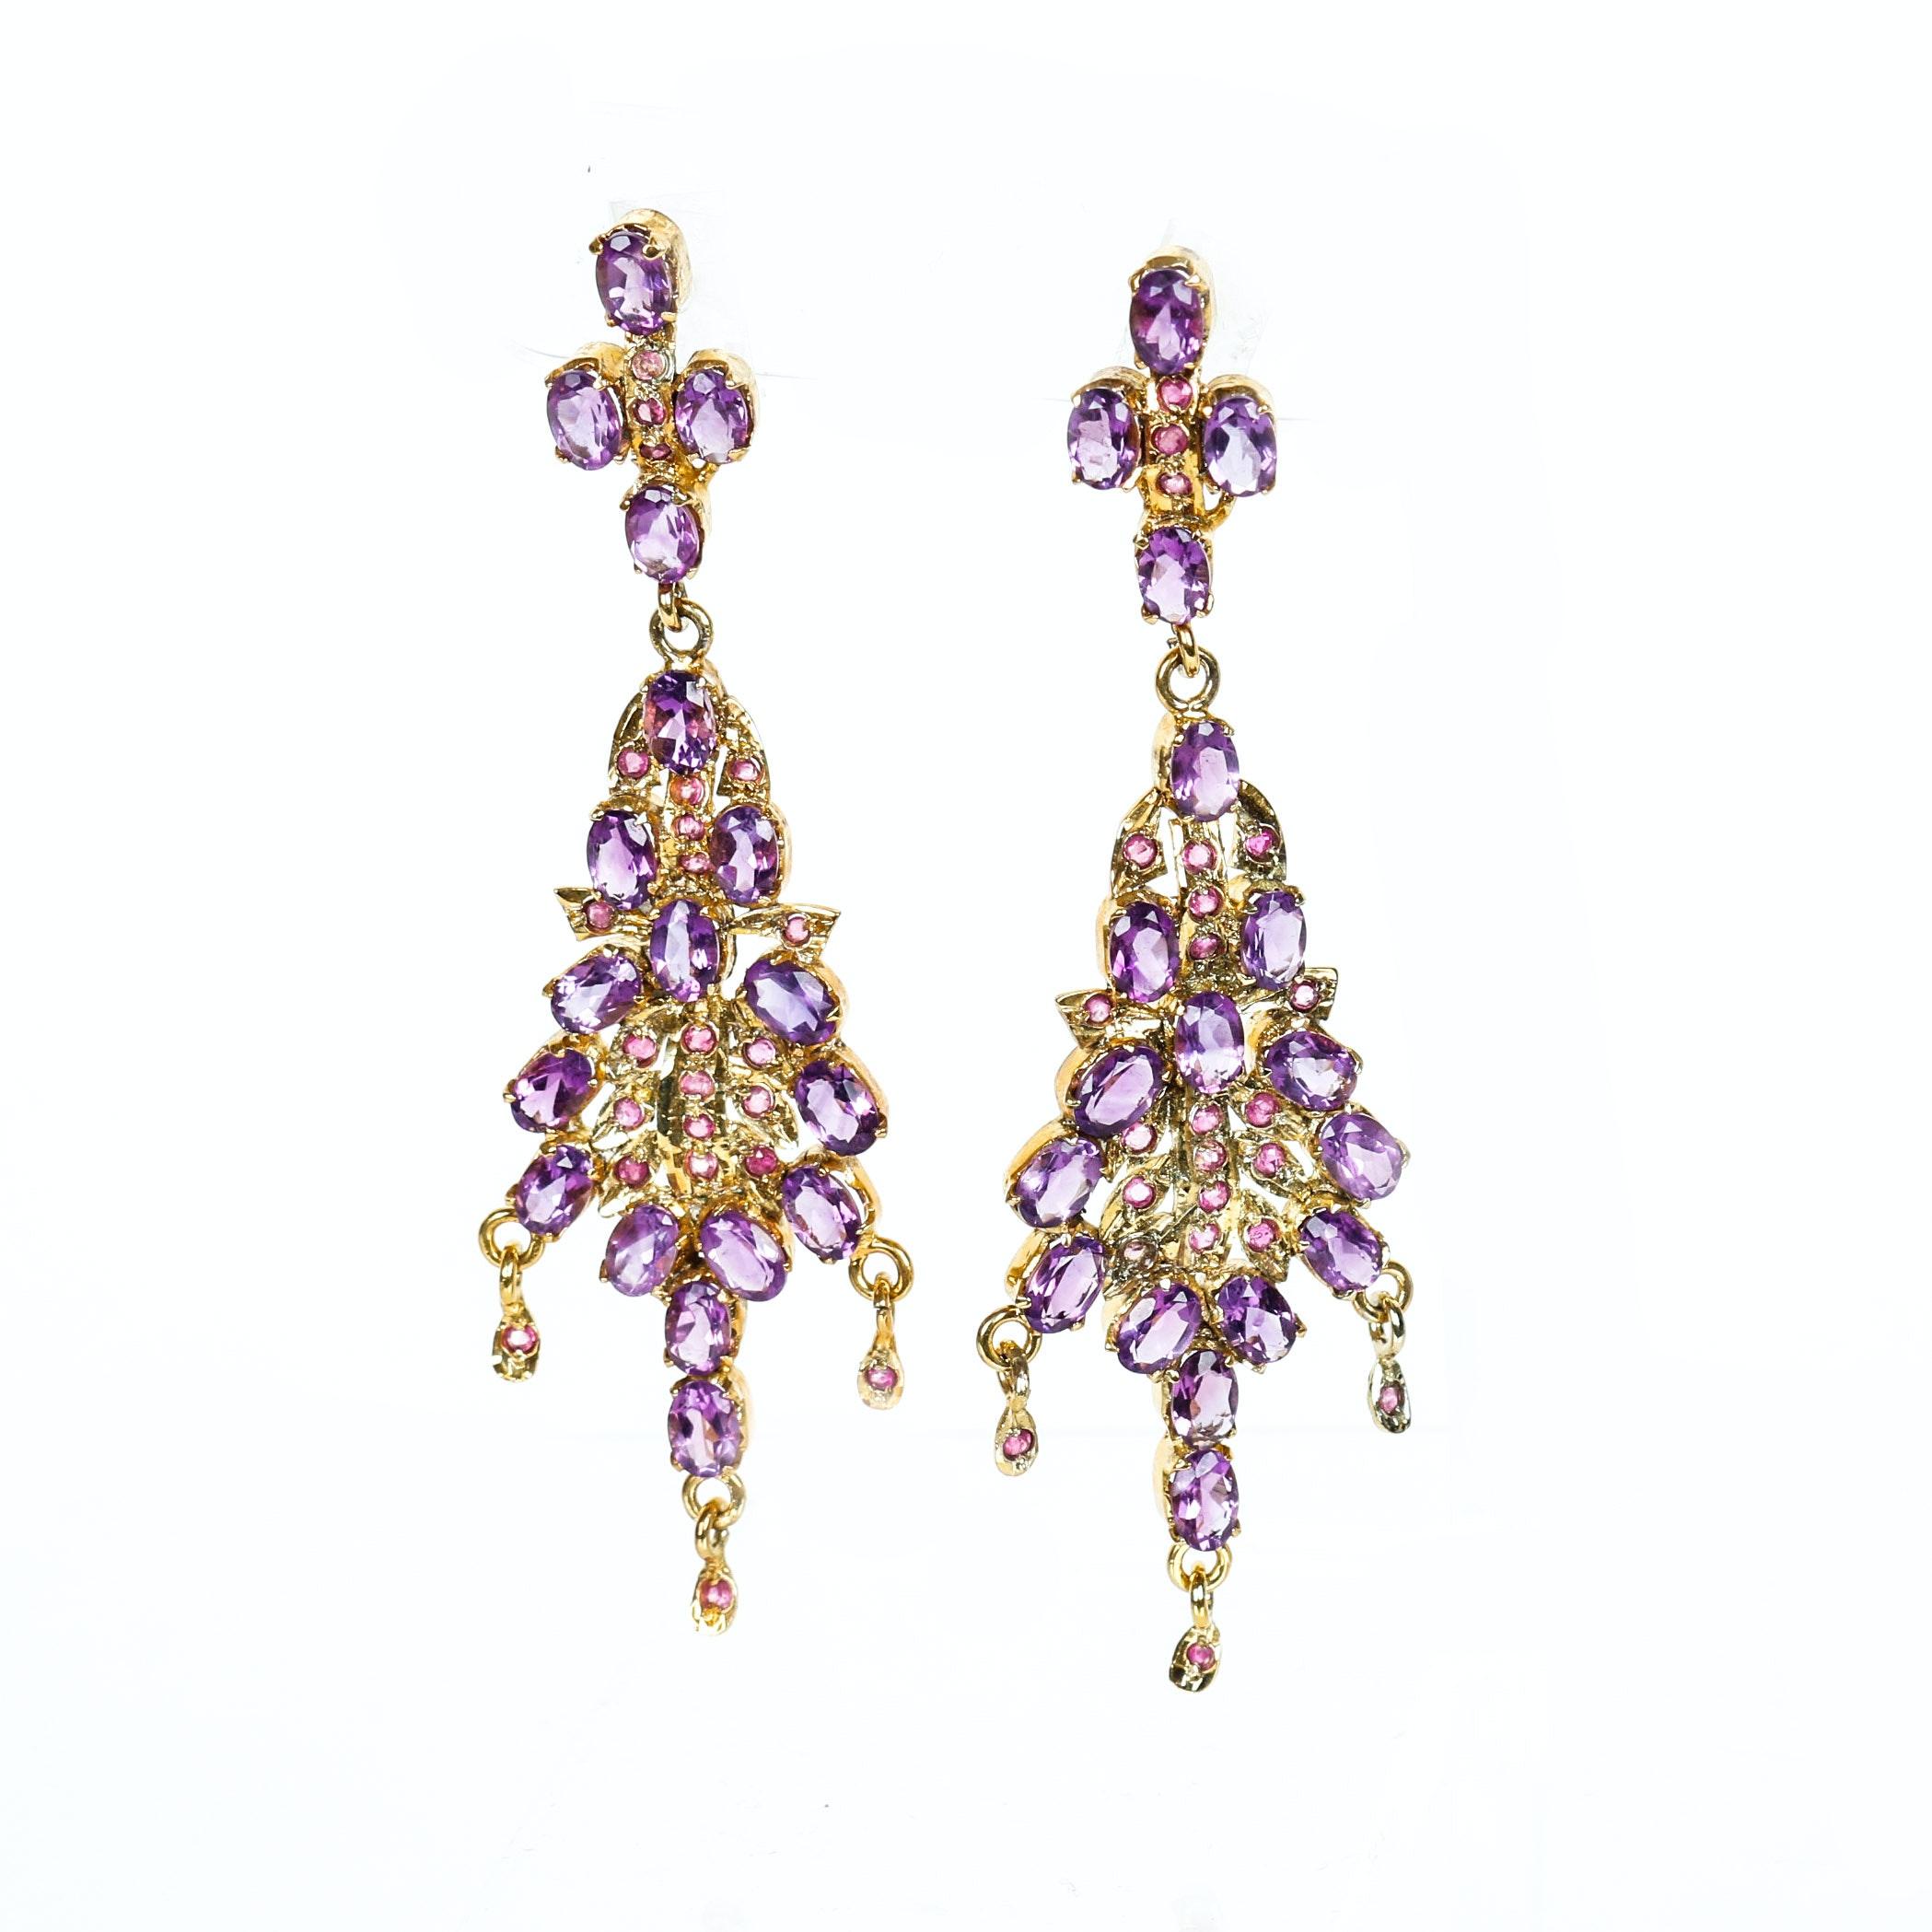 Vintage Amethyst, Ruby and Sterling Silver Vermeil Chandelier Earrings